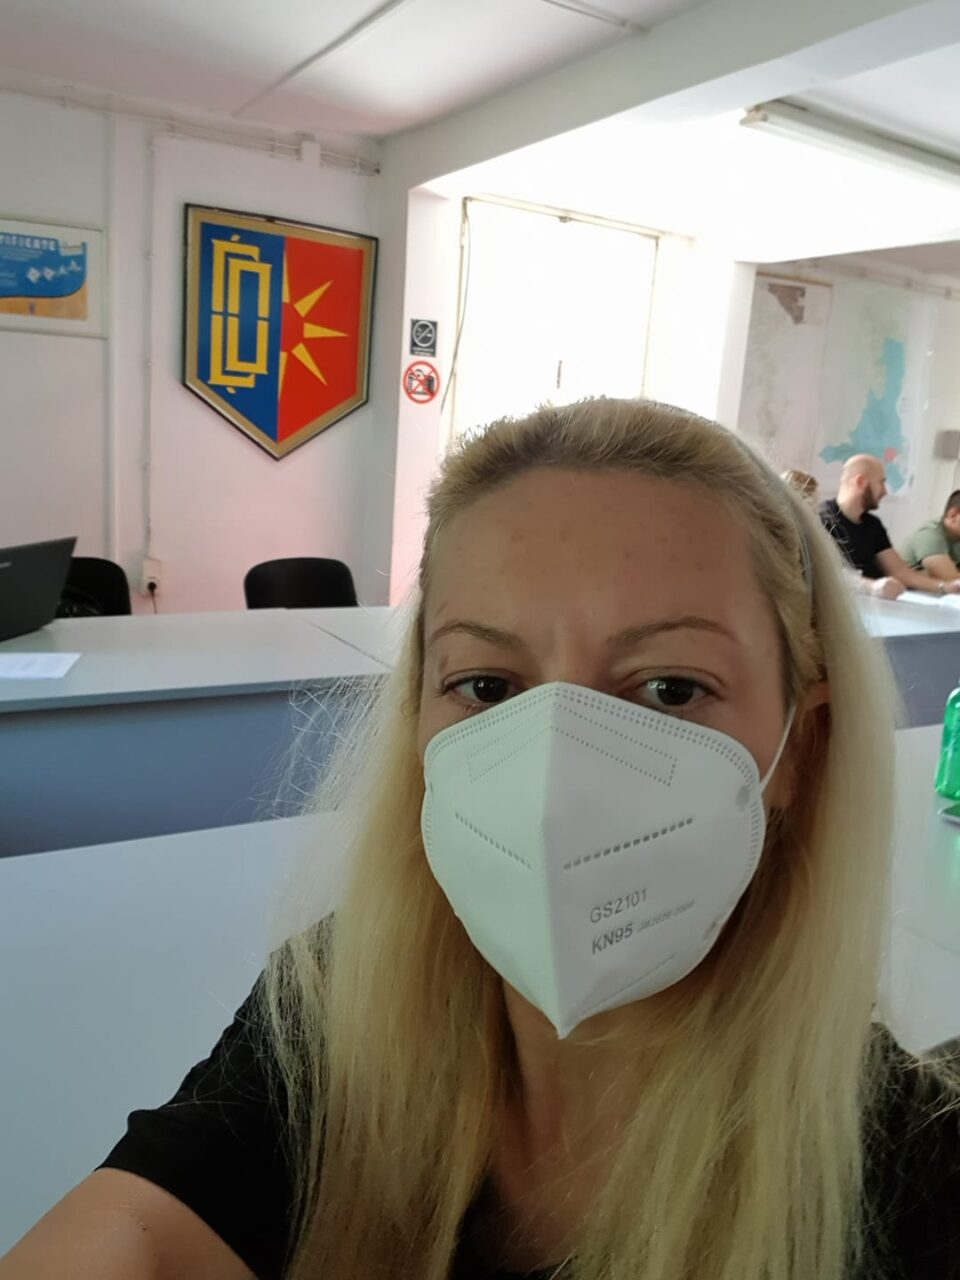 Андоновска: СДСМ и Наумовски го одбија ревидирање на ДУП-от на денешната седница, не се откажуваат од градењето на 17 катната зграда